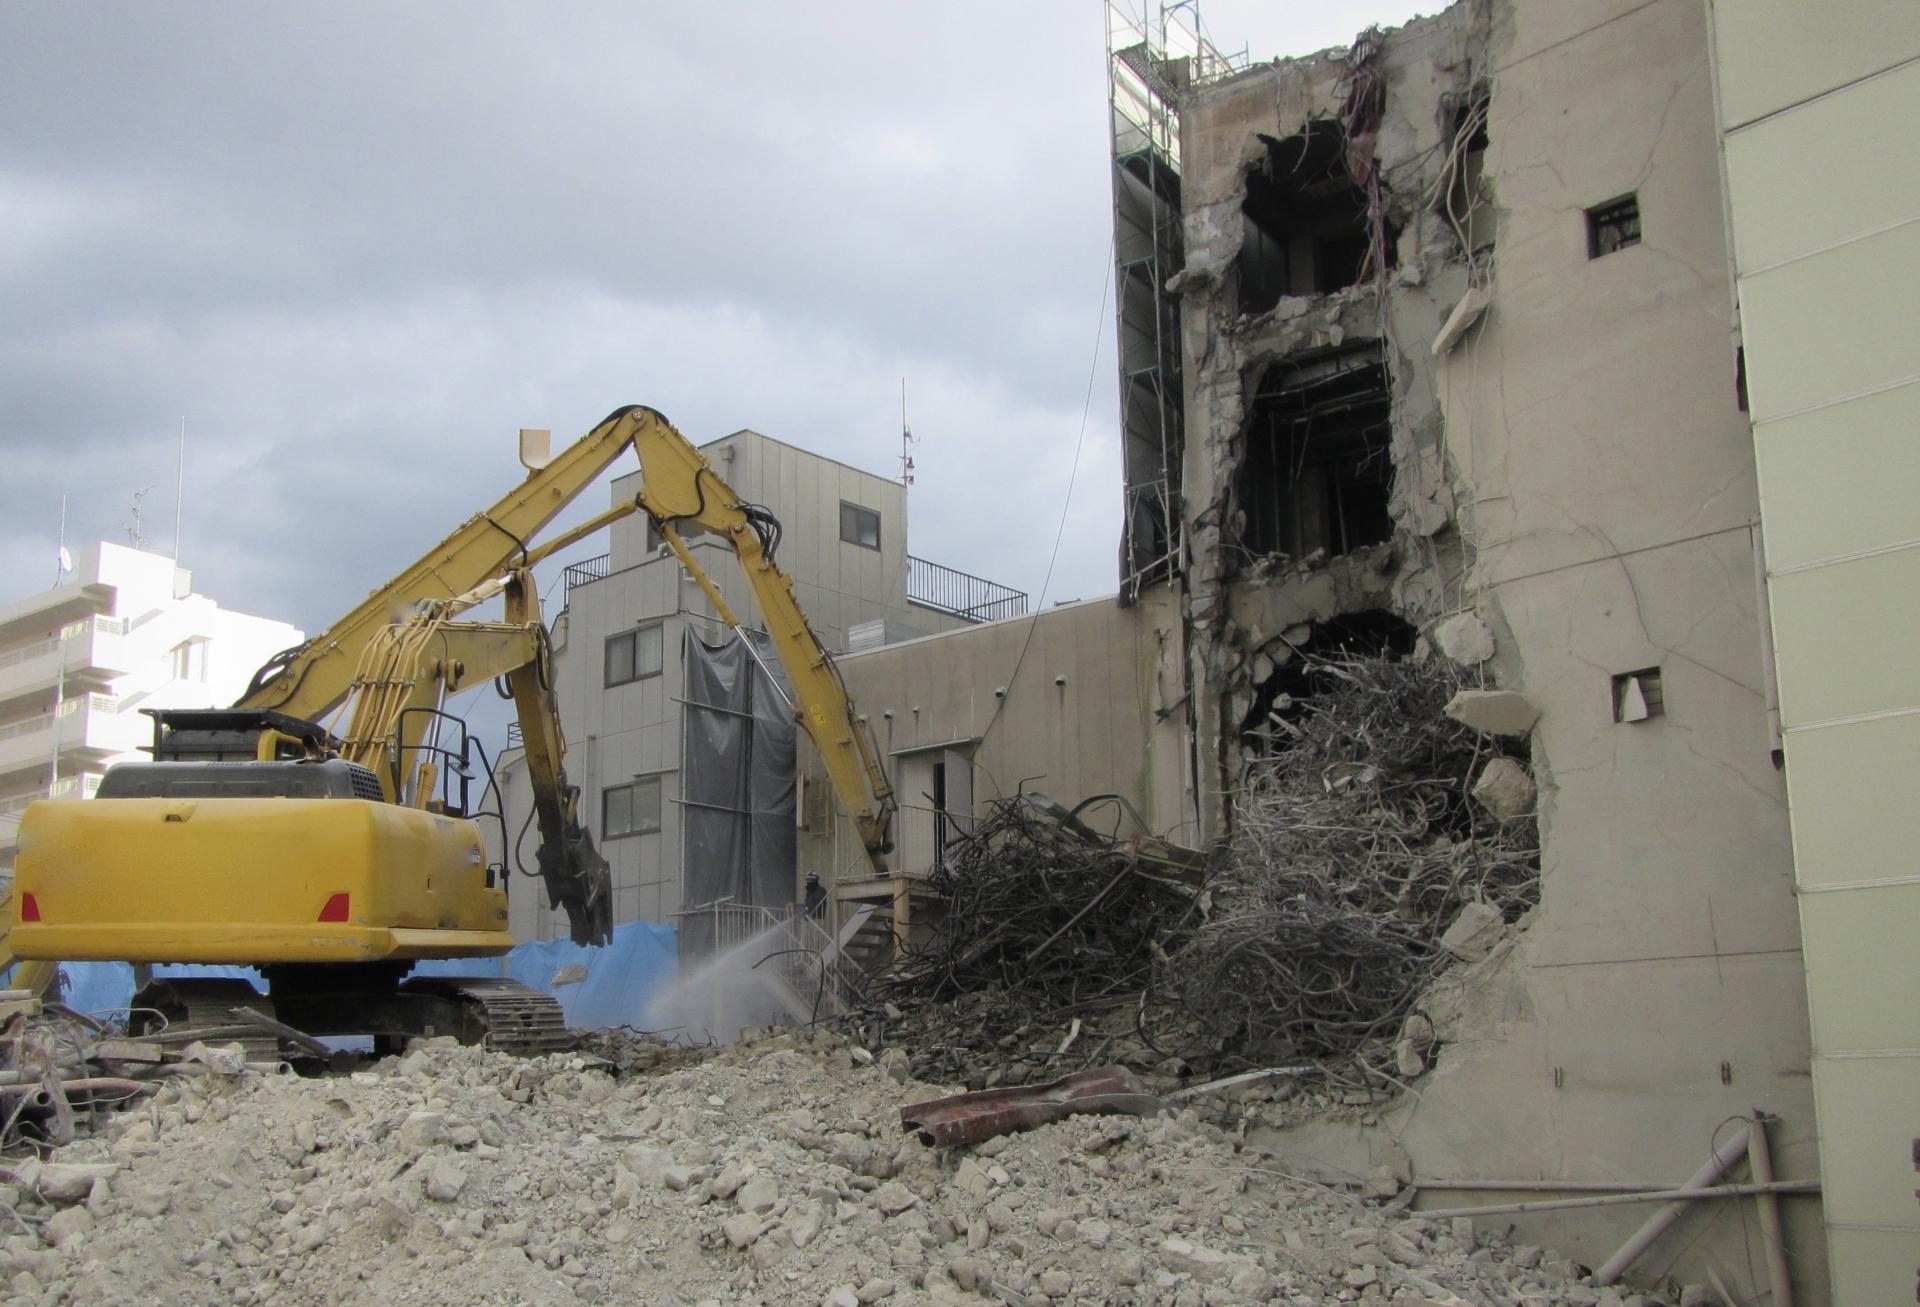 解体工事におけるアスベストの届出や解体費用・近隣説明について